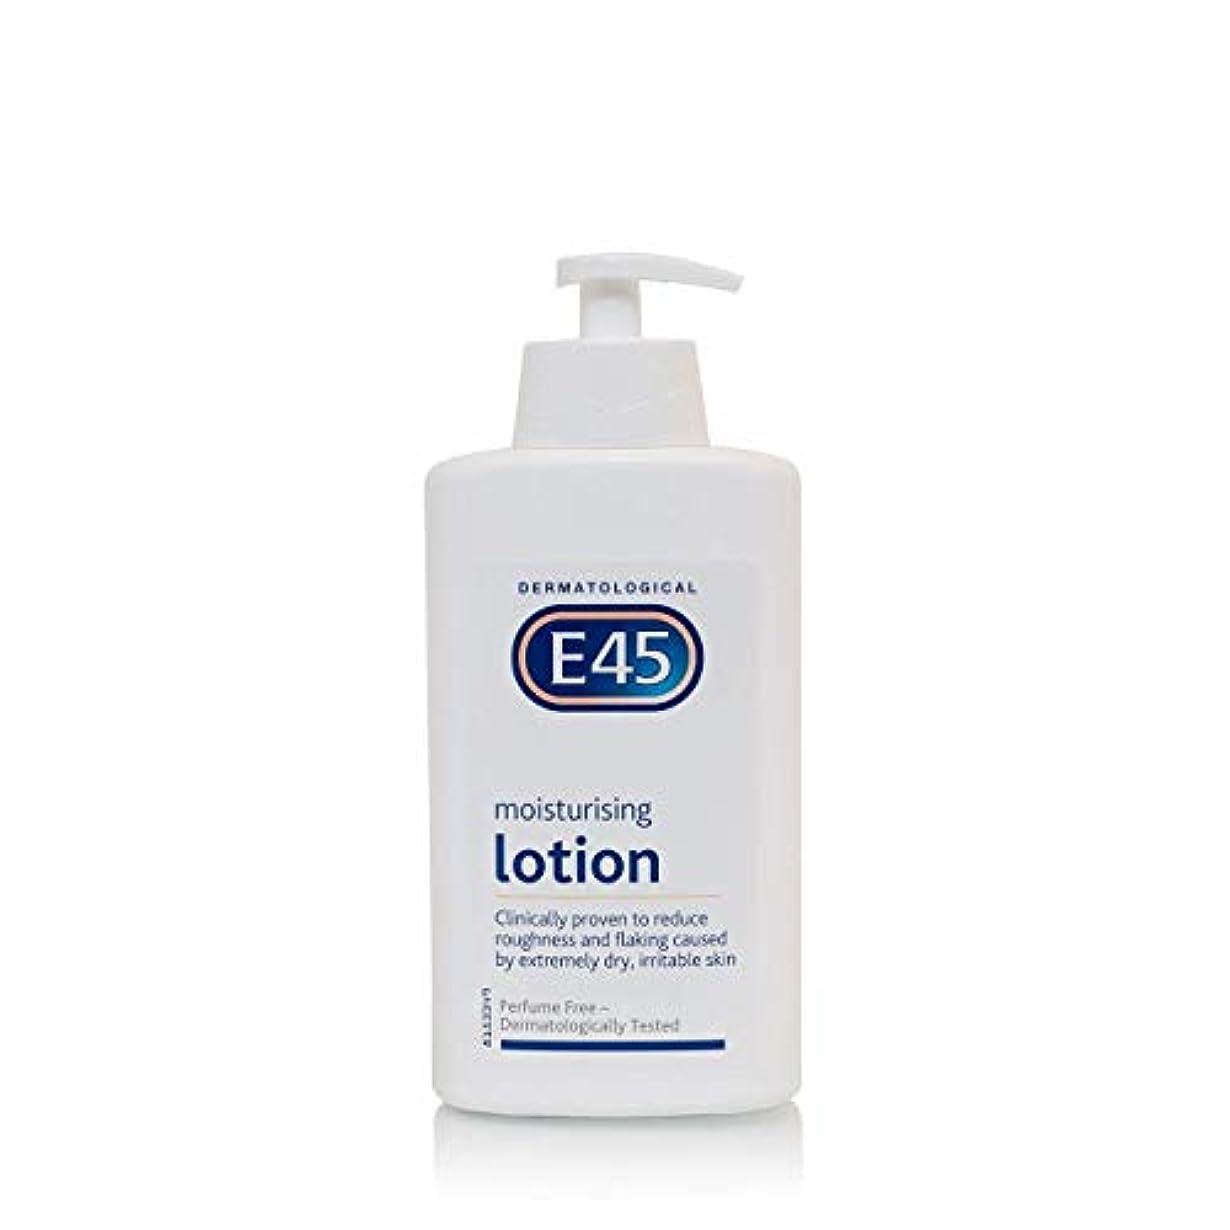 懇願する悲惨偏見E45 Dermatological Moisturising Lotion (500ml) E45皮膚科保湿ローション( 500ミリリットル)